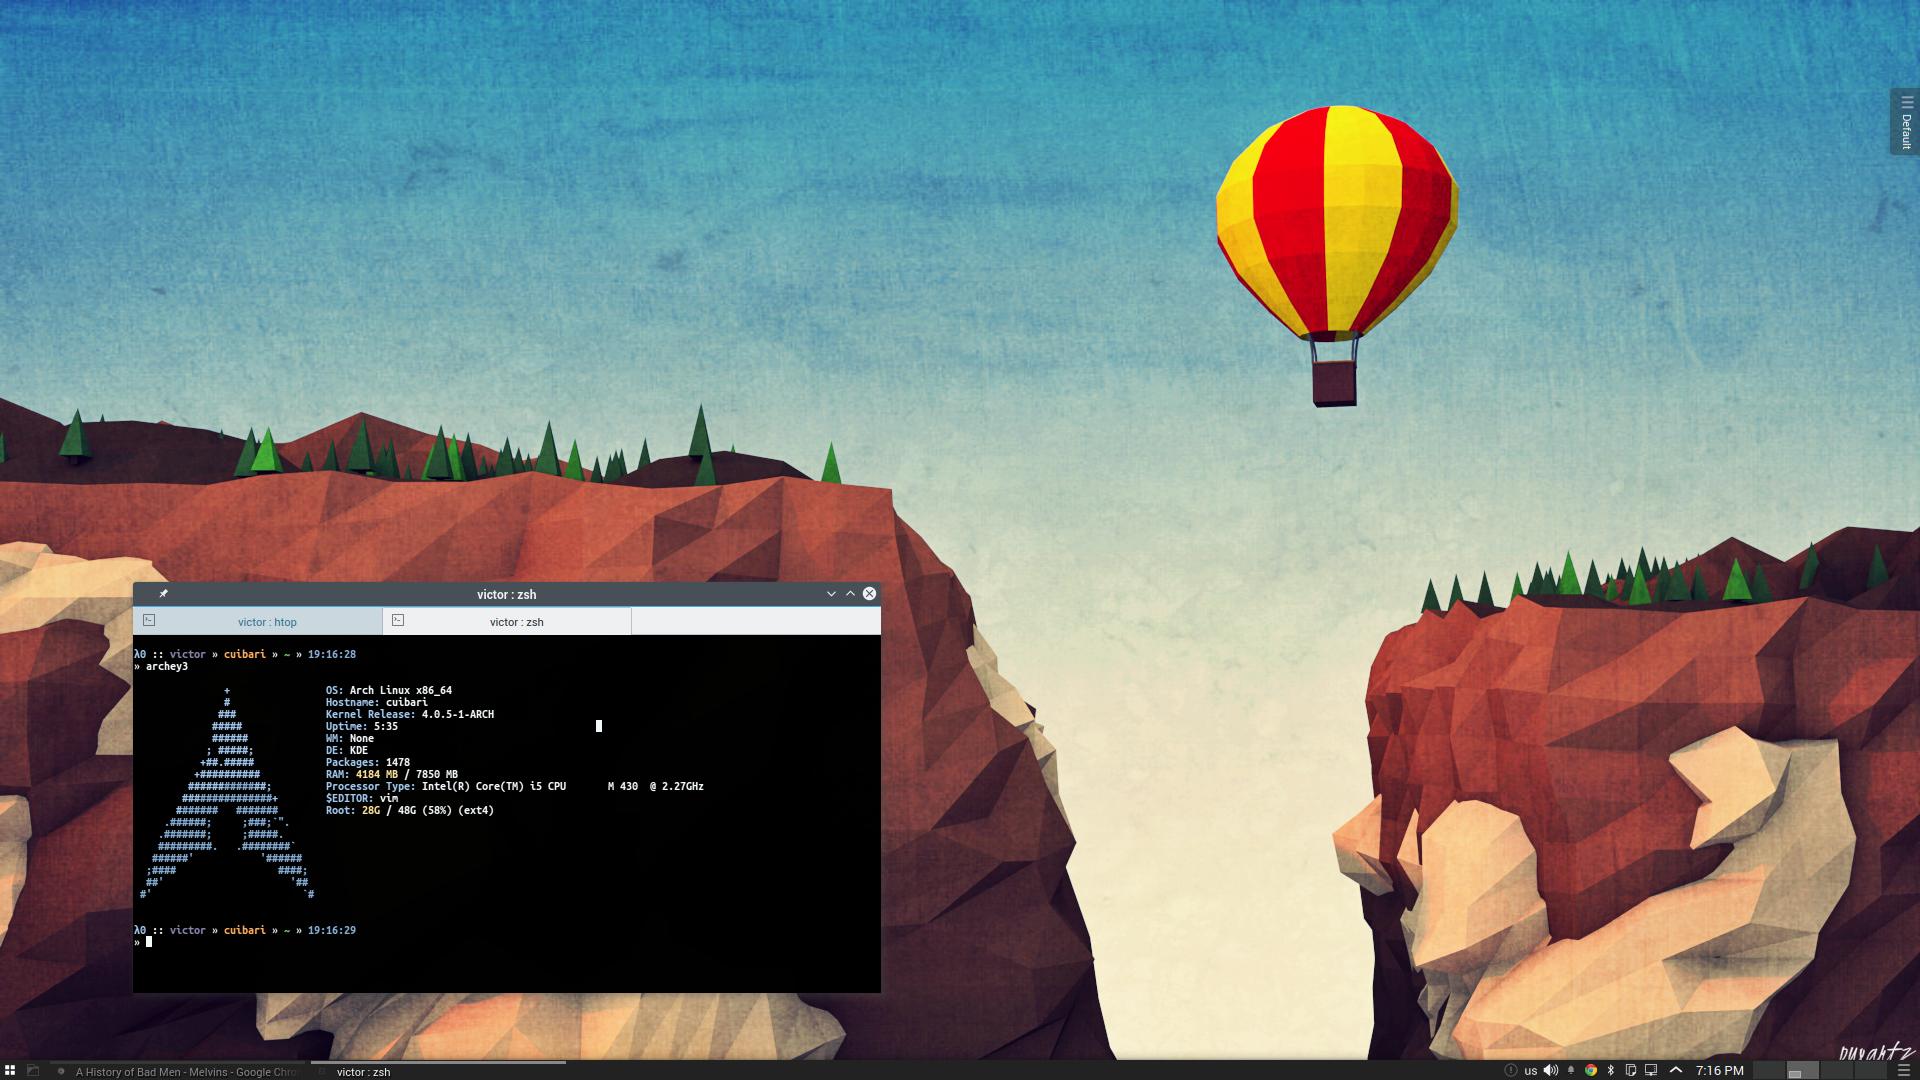 Balon Arch Linux KDE 5 by printesoi on DeviantArt